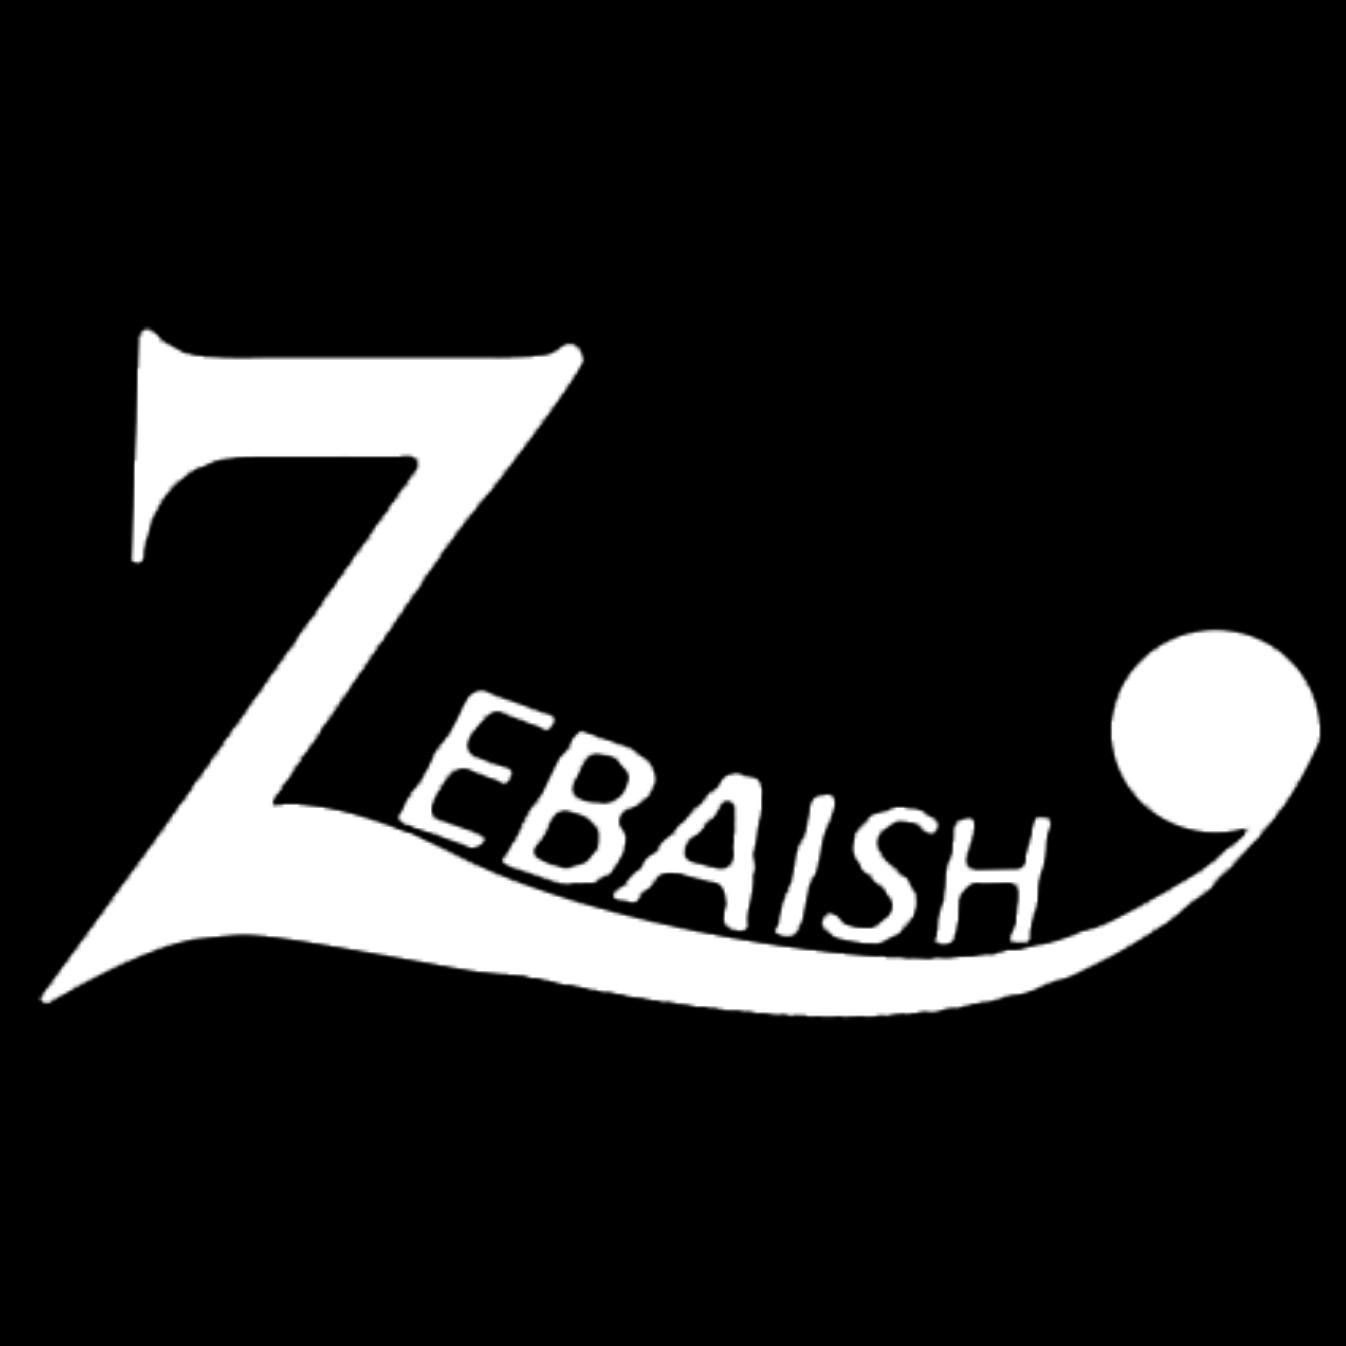 Zebaish By Sherry